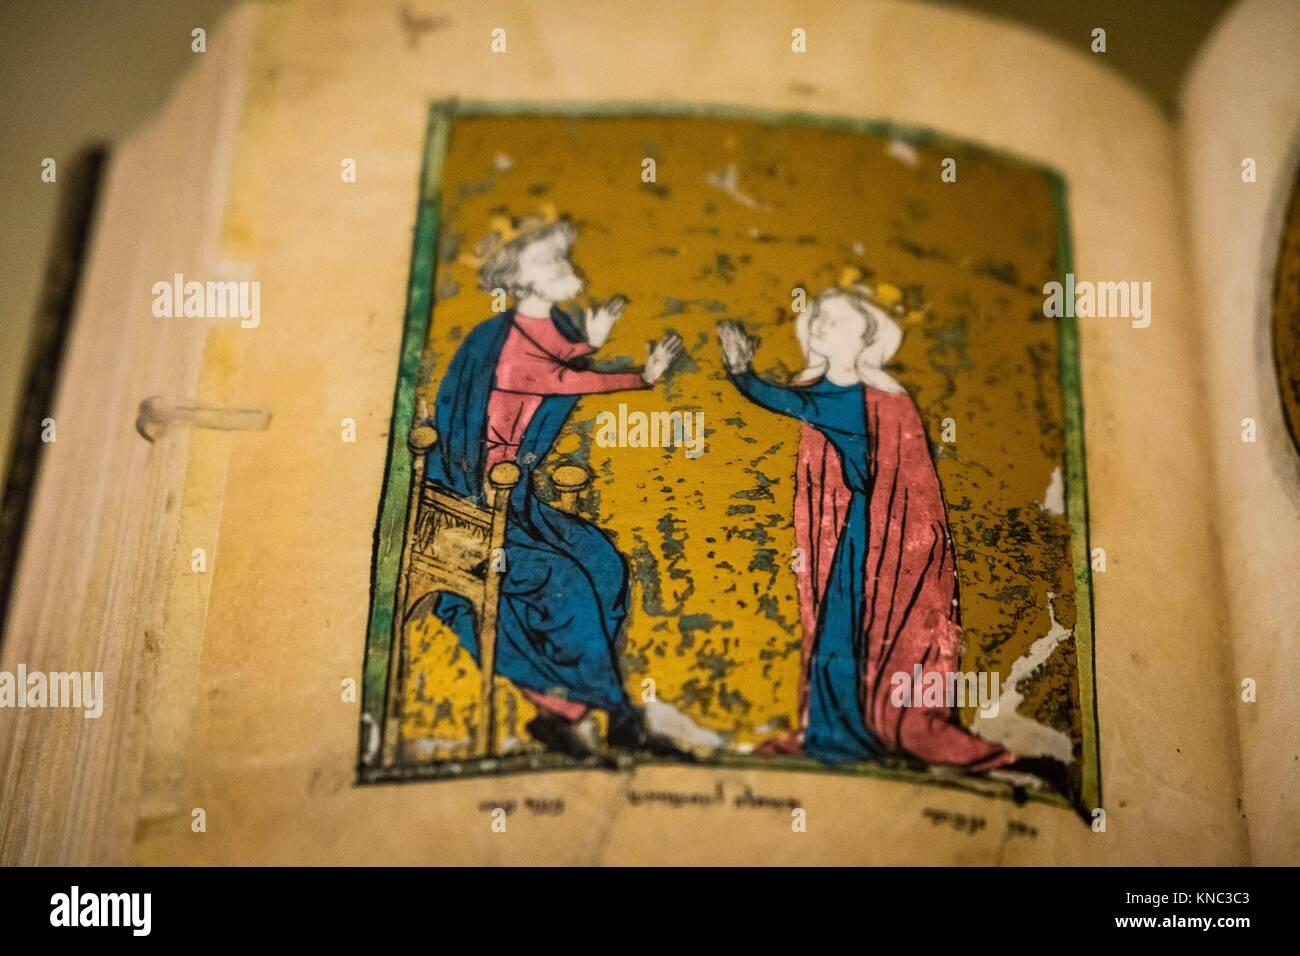 manuscrito hebreo, alrededor de 1278,Museo Judío de Berlín, Berlin, Alemania, Europe. Stock Photo